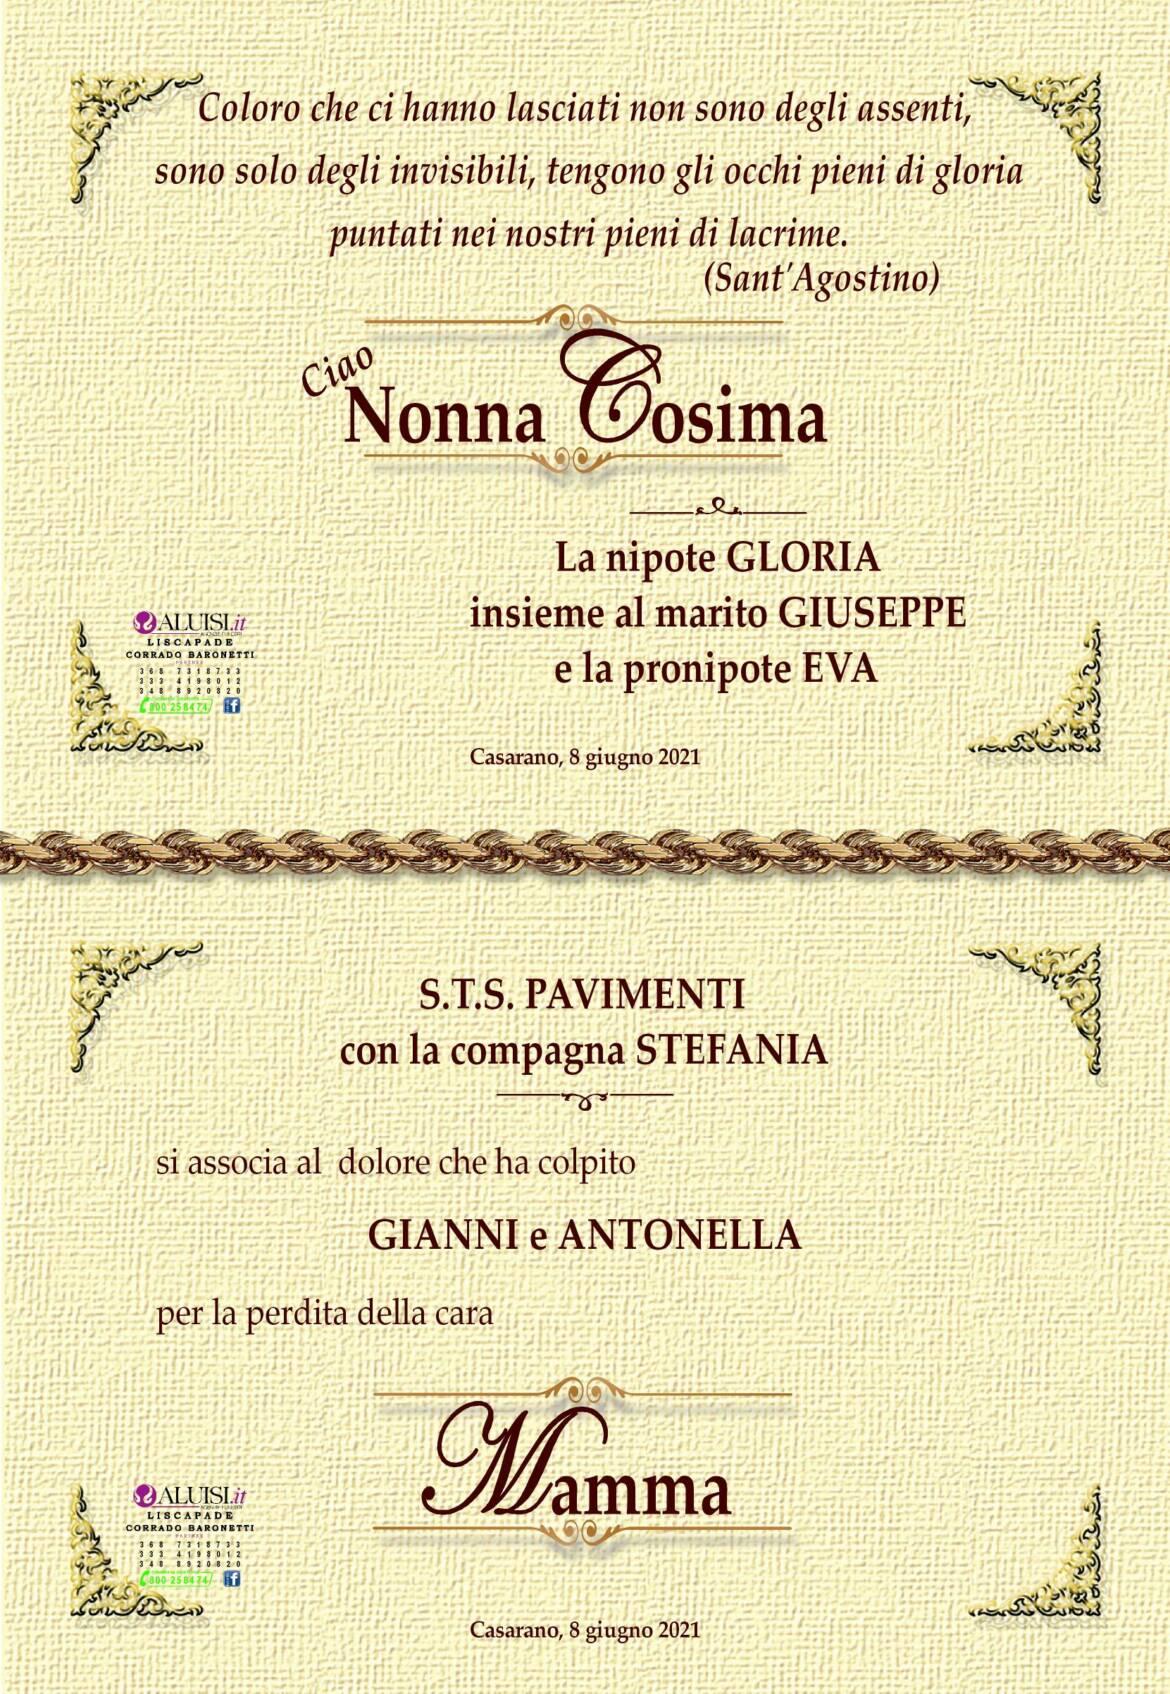 PARTECIPAZIONE-COSIMA-CAVALERA-CASARANO-5.jpg